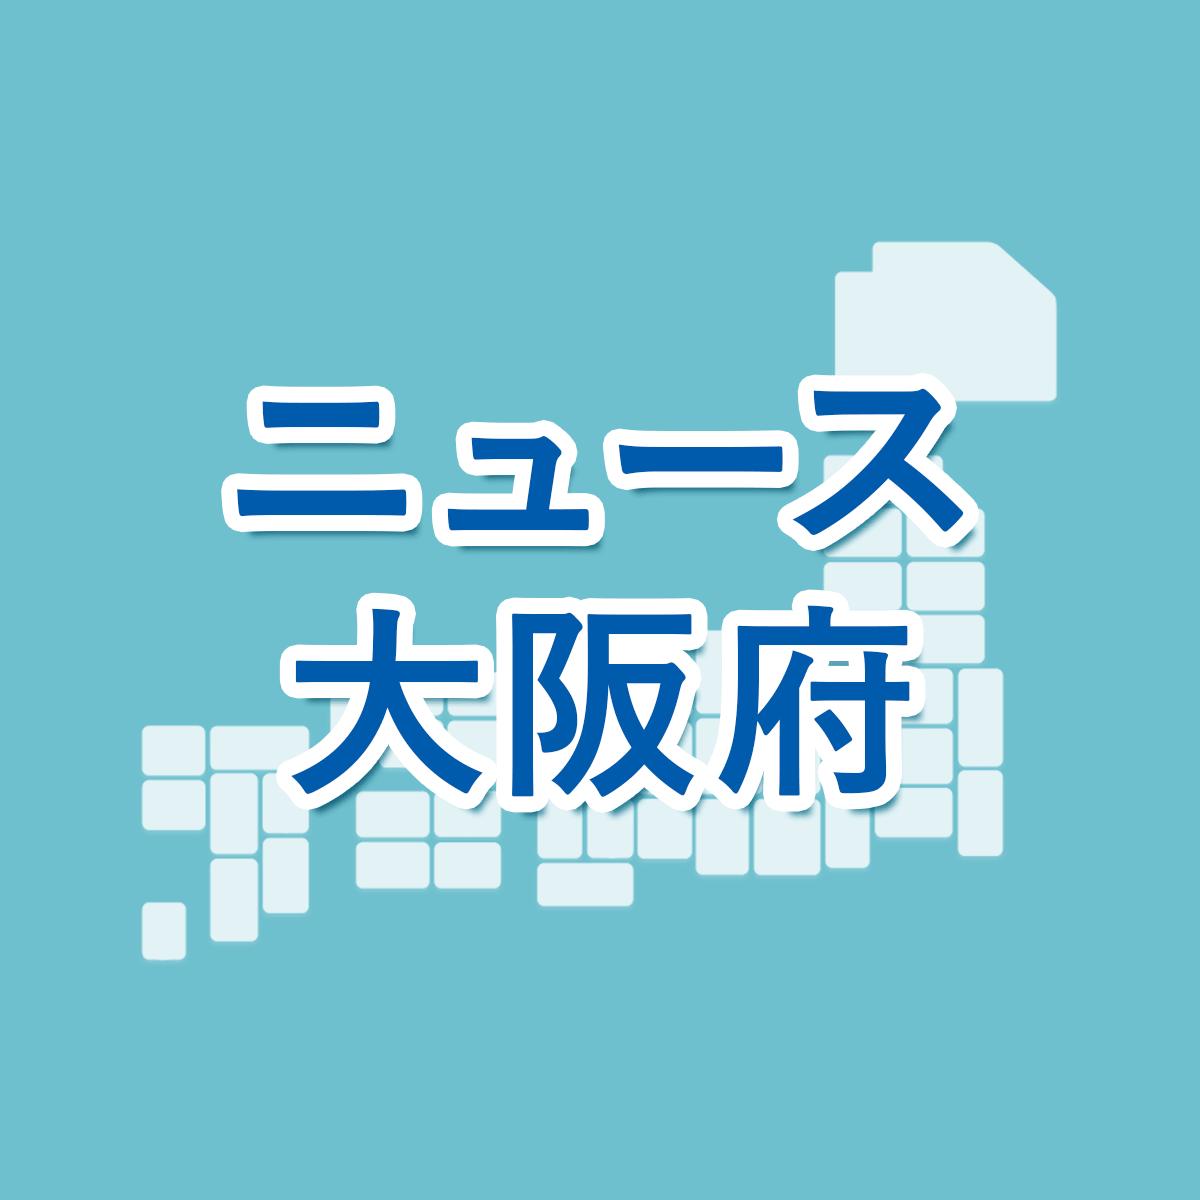 大阪 市 休校 いつまで